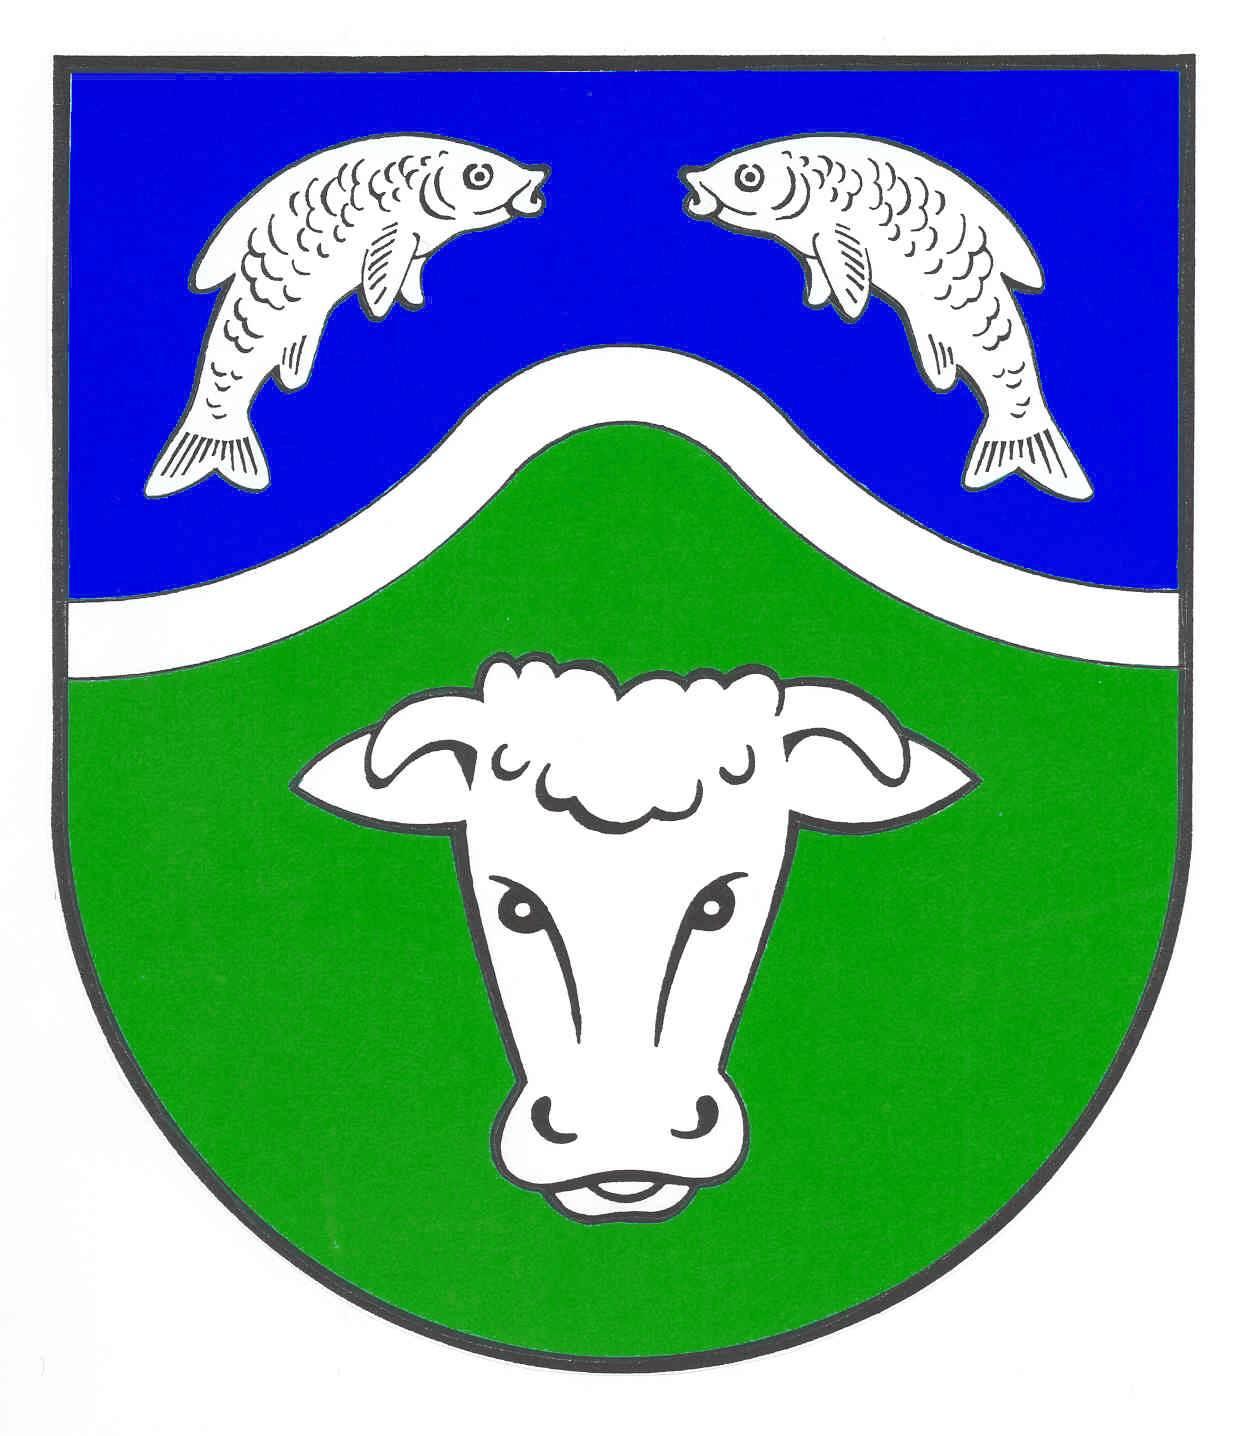 Wappen GemeindeWrohm, Kreis Dithmarschen